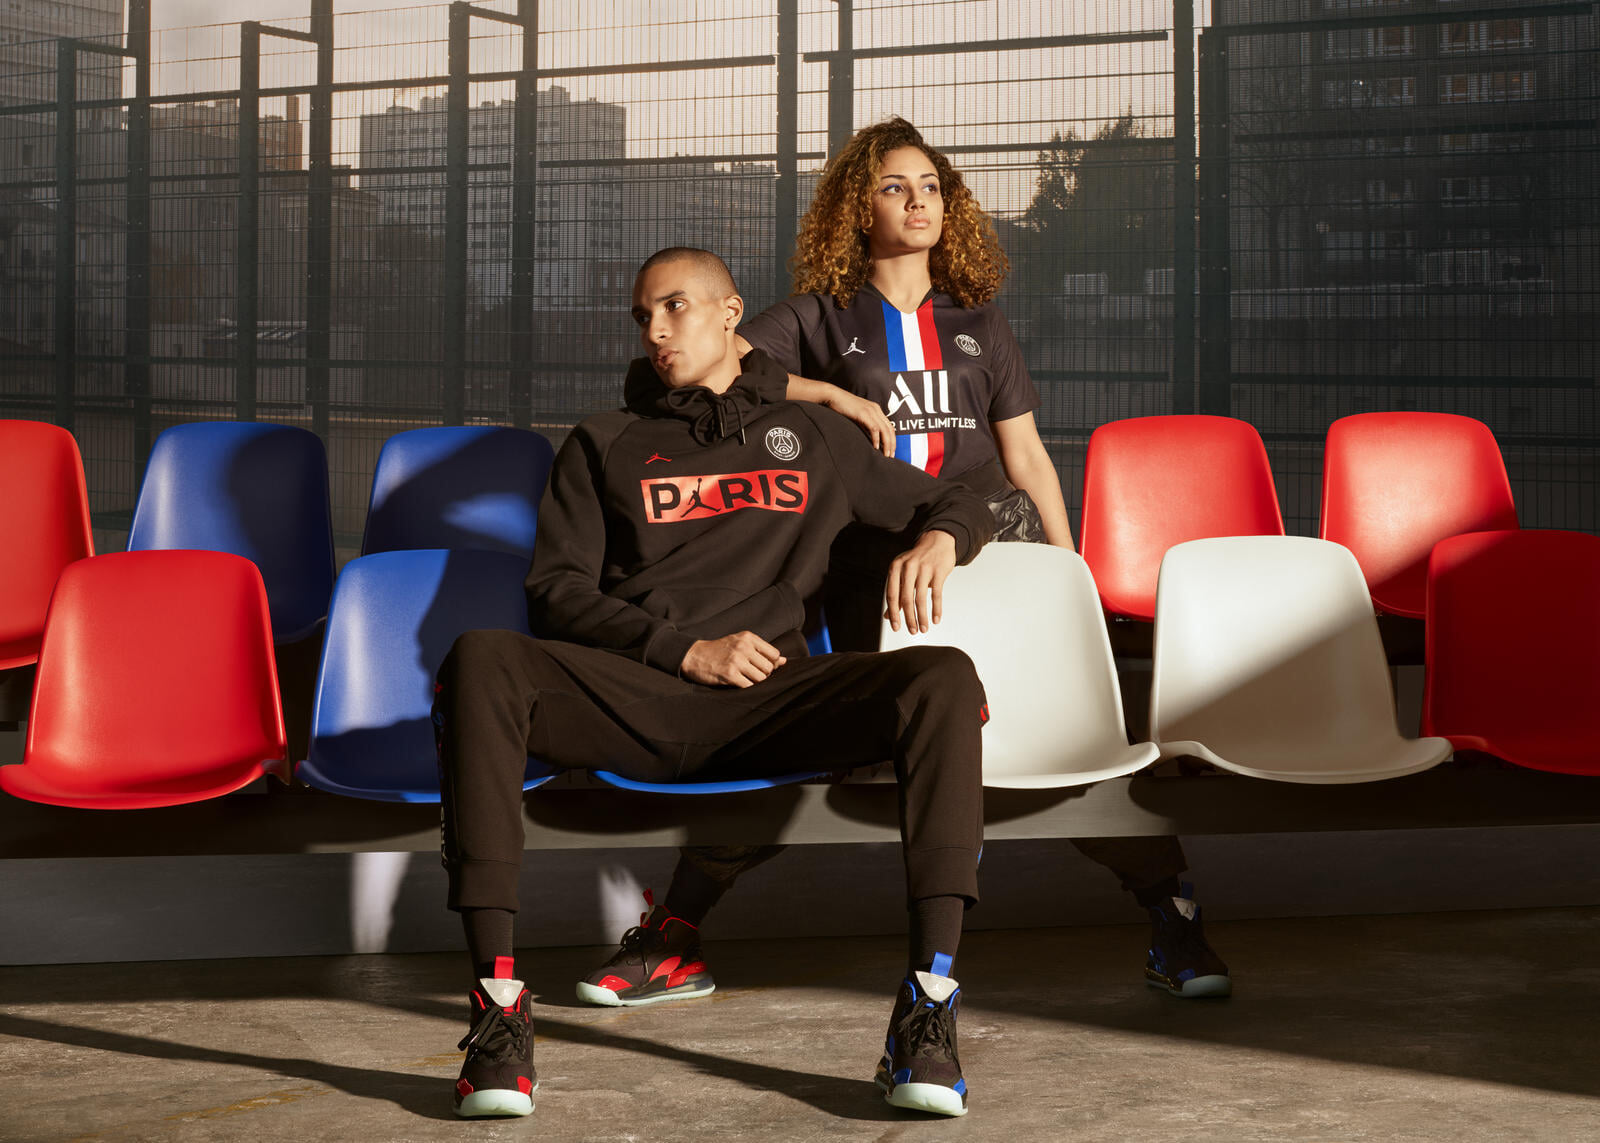 Air Jordan сделал для «ПСЖ» четвертый комплект формы – с французским триколором. Презентуют на матче НБА в Париже